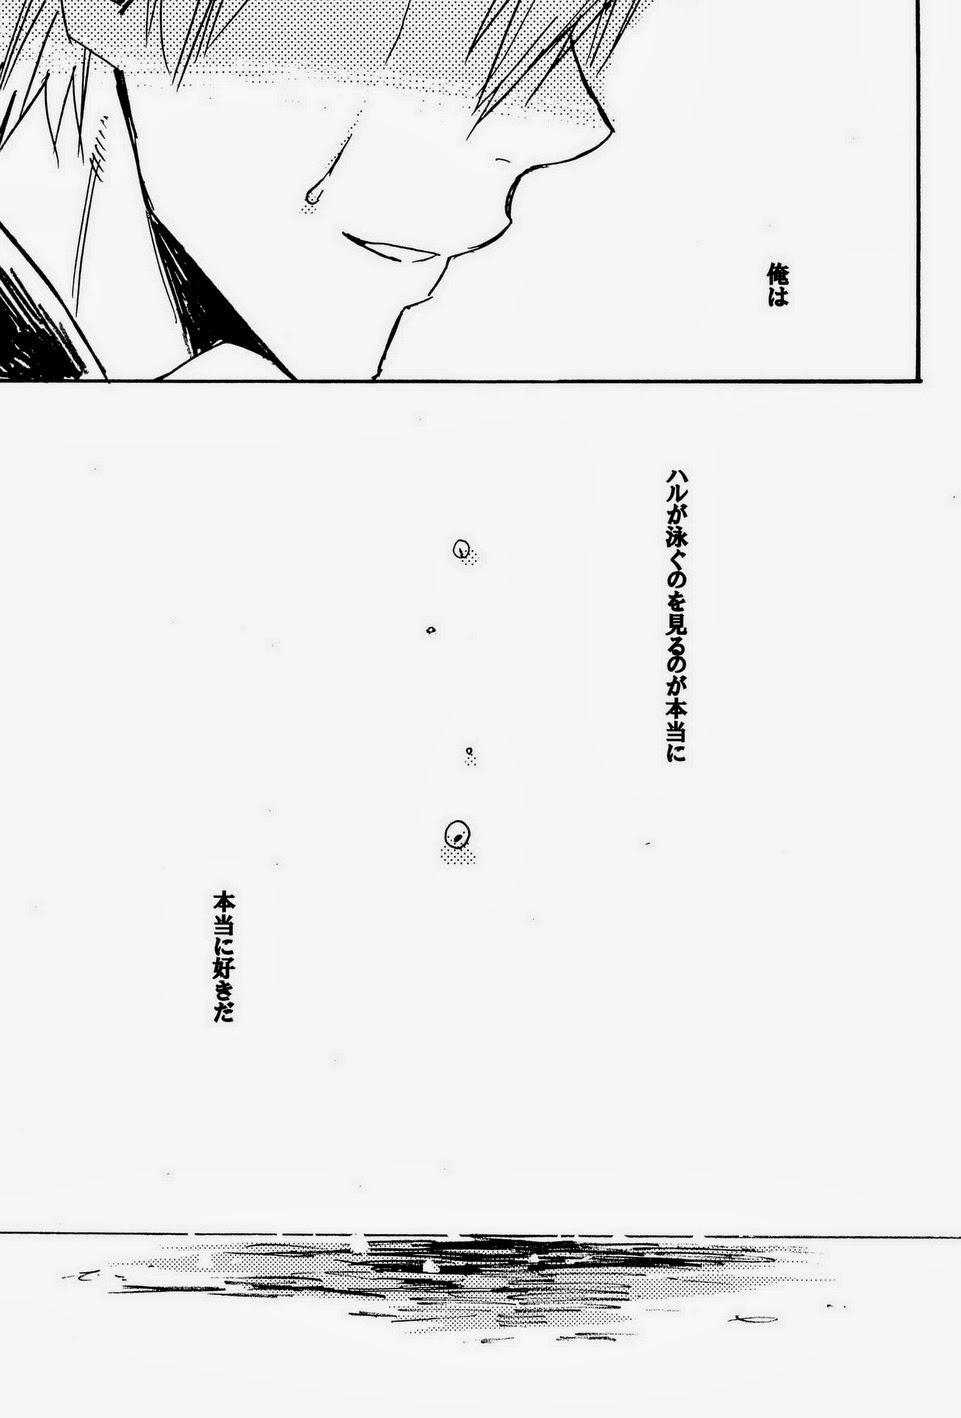 Ito mo Tayasuku Okonawareru Egetsunai Koui 20